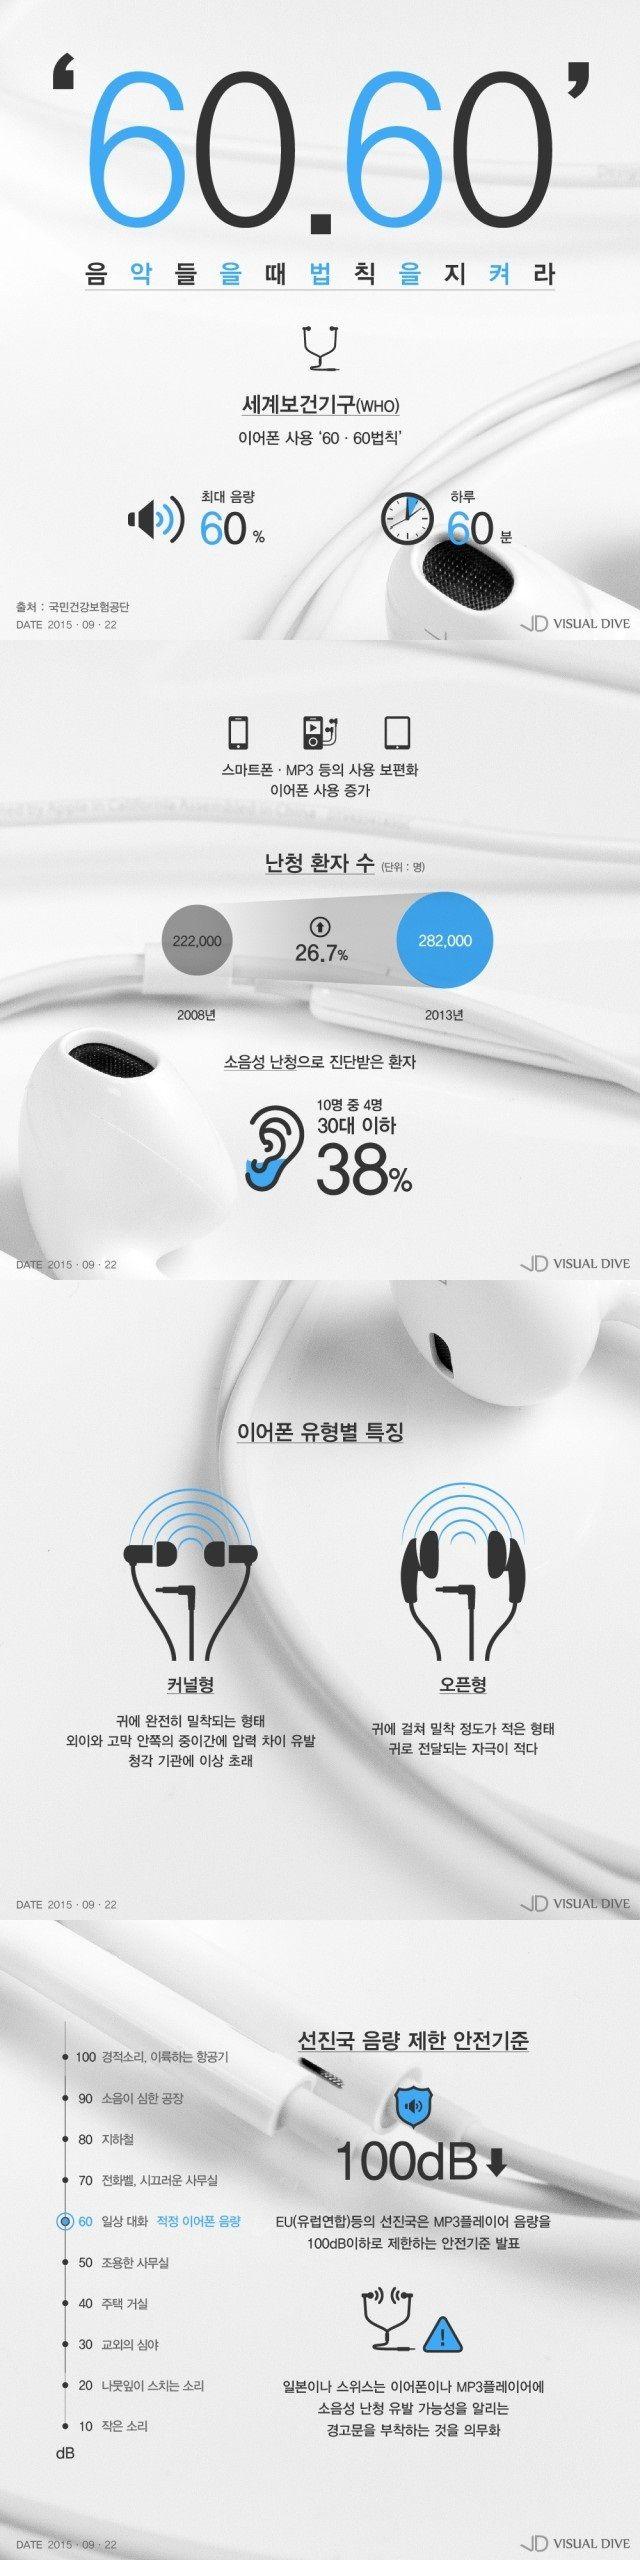 30대 이하의 젊은 층 '소음성 난청 환자' 증가 [인포그래픽] #hearing-impaired / #Infographic ⓒ 비주얼다이브 무단 복사·전재·재배포 금지